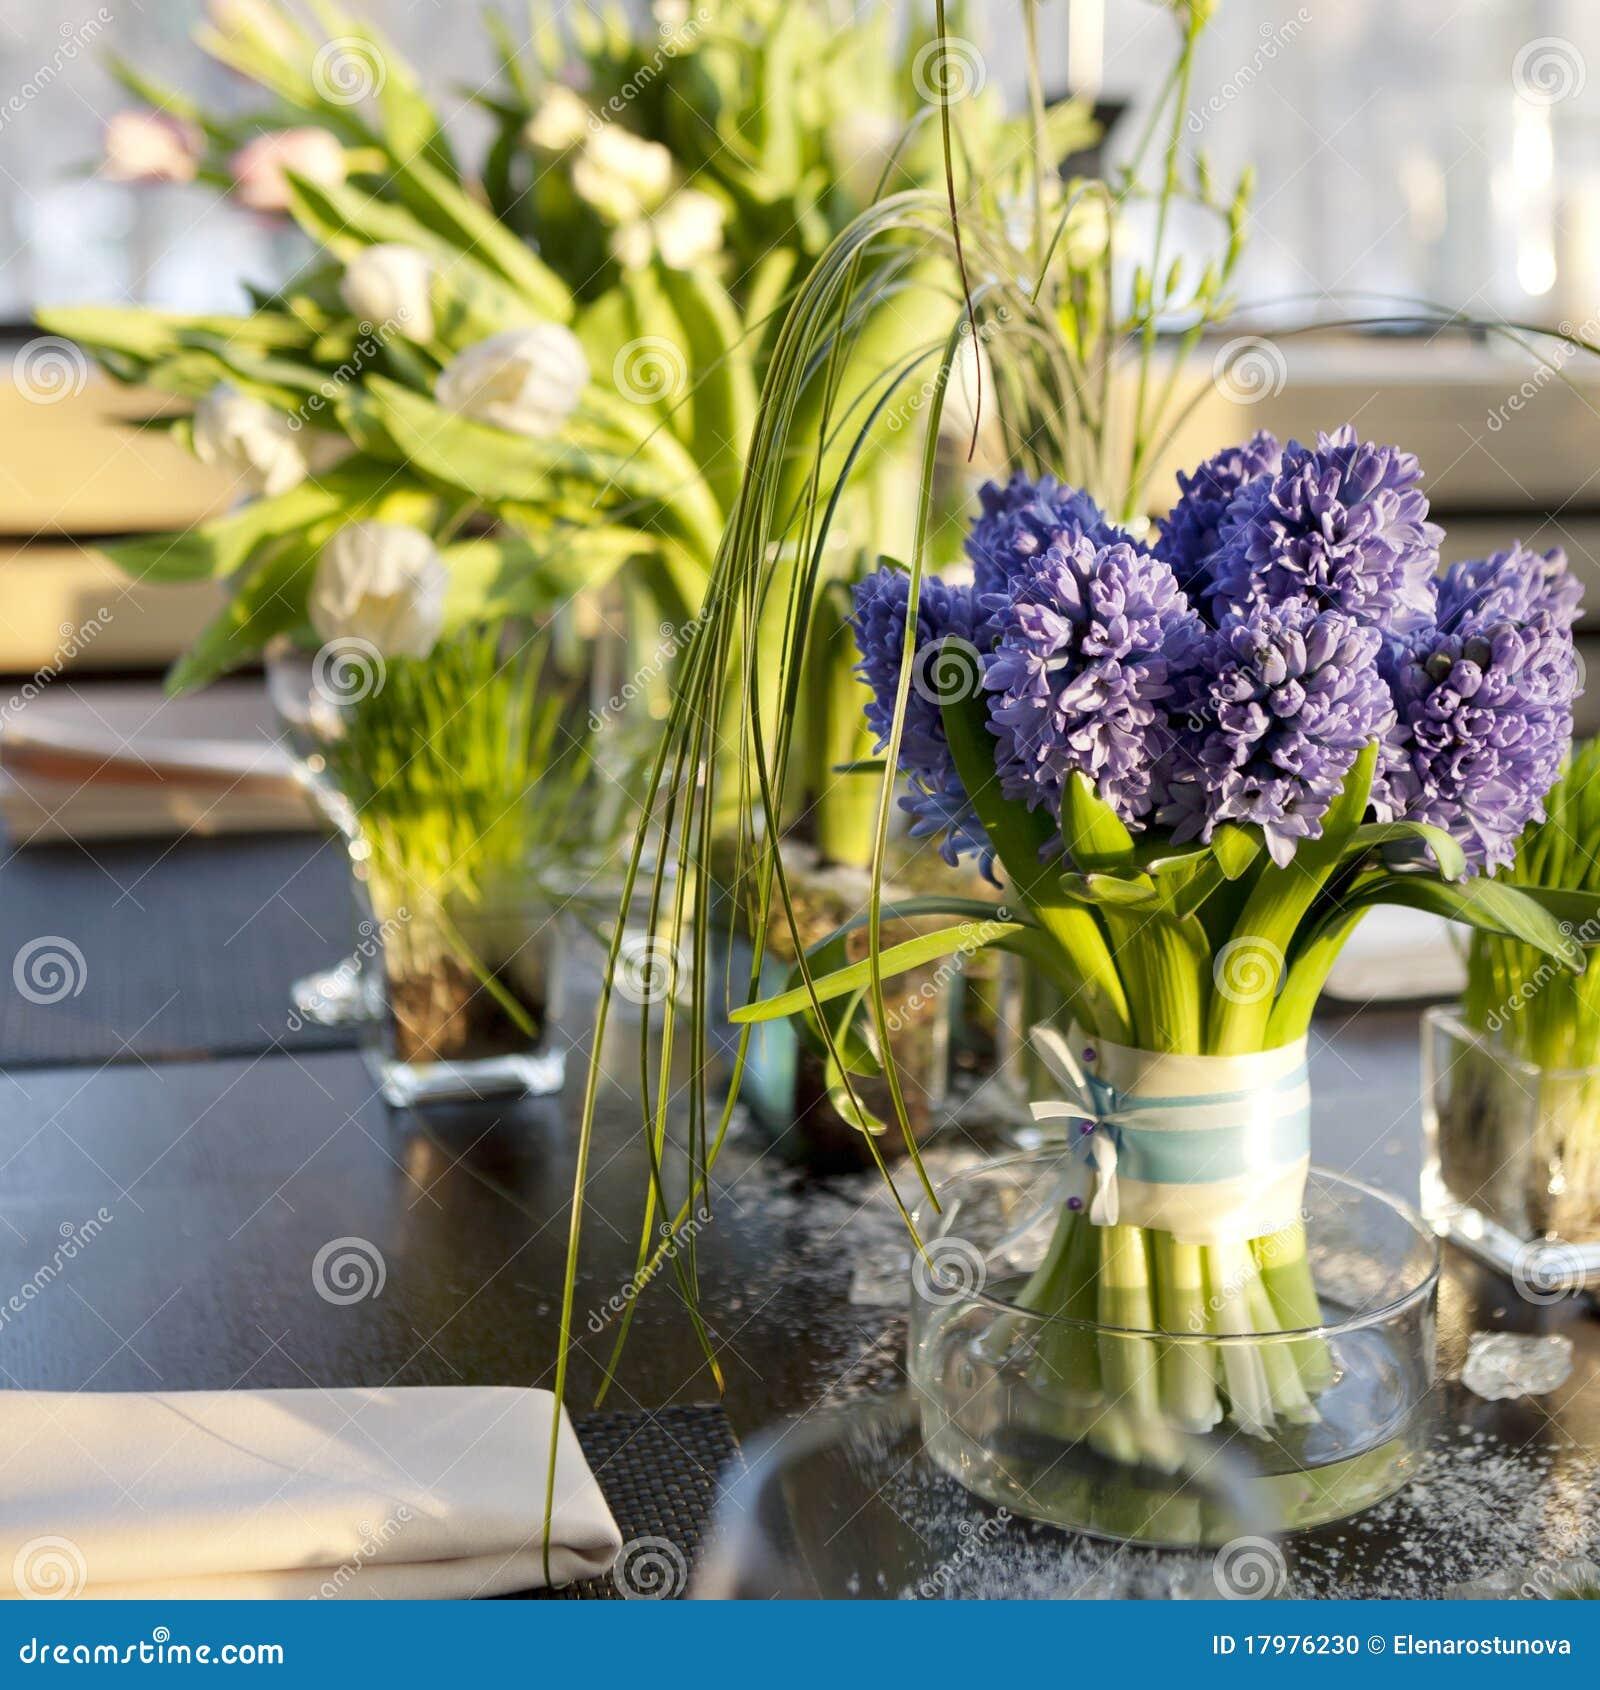 blumenstrau der hyazinthe im vase glas stockfoto bild 17976230. Black Bedroom Furniture Sets. Home Design Ideas